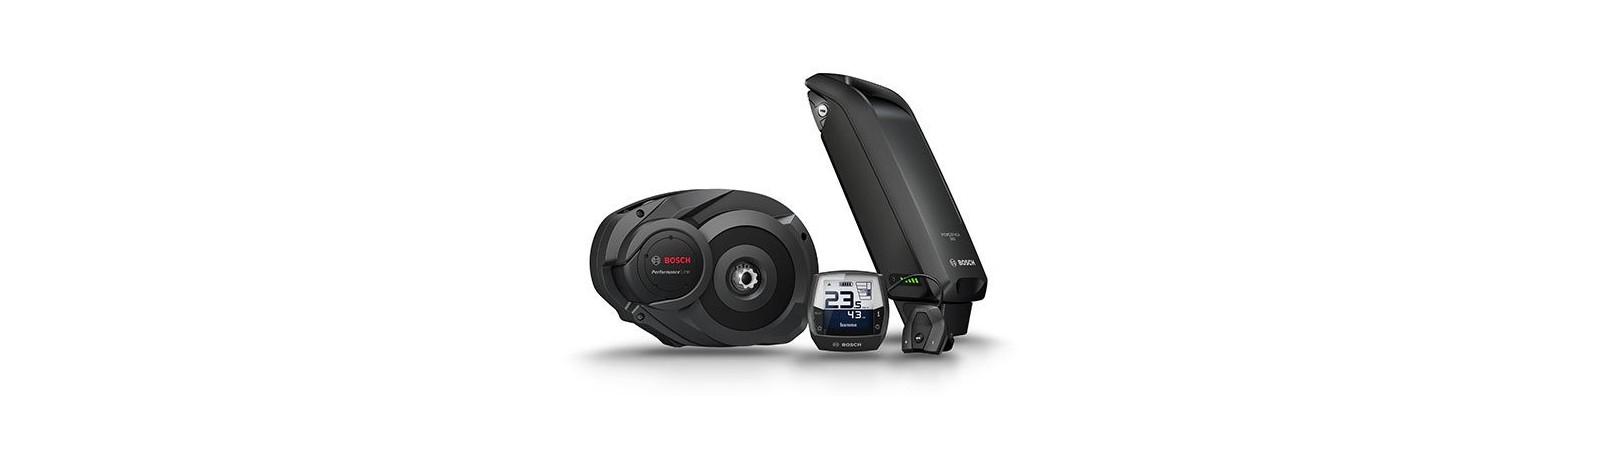 Batterie, chargeur & controleur vélo électrique BOSCH